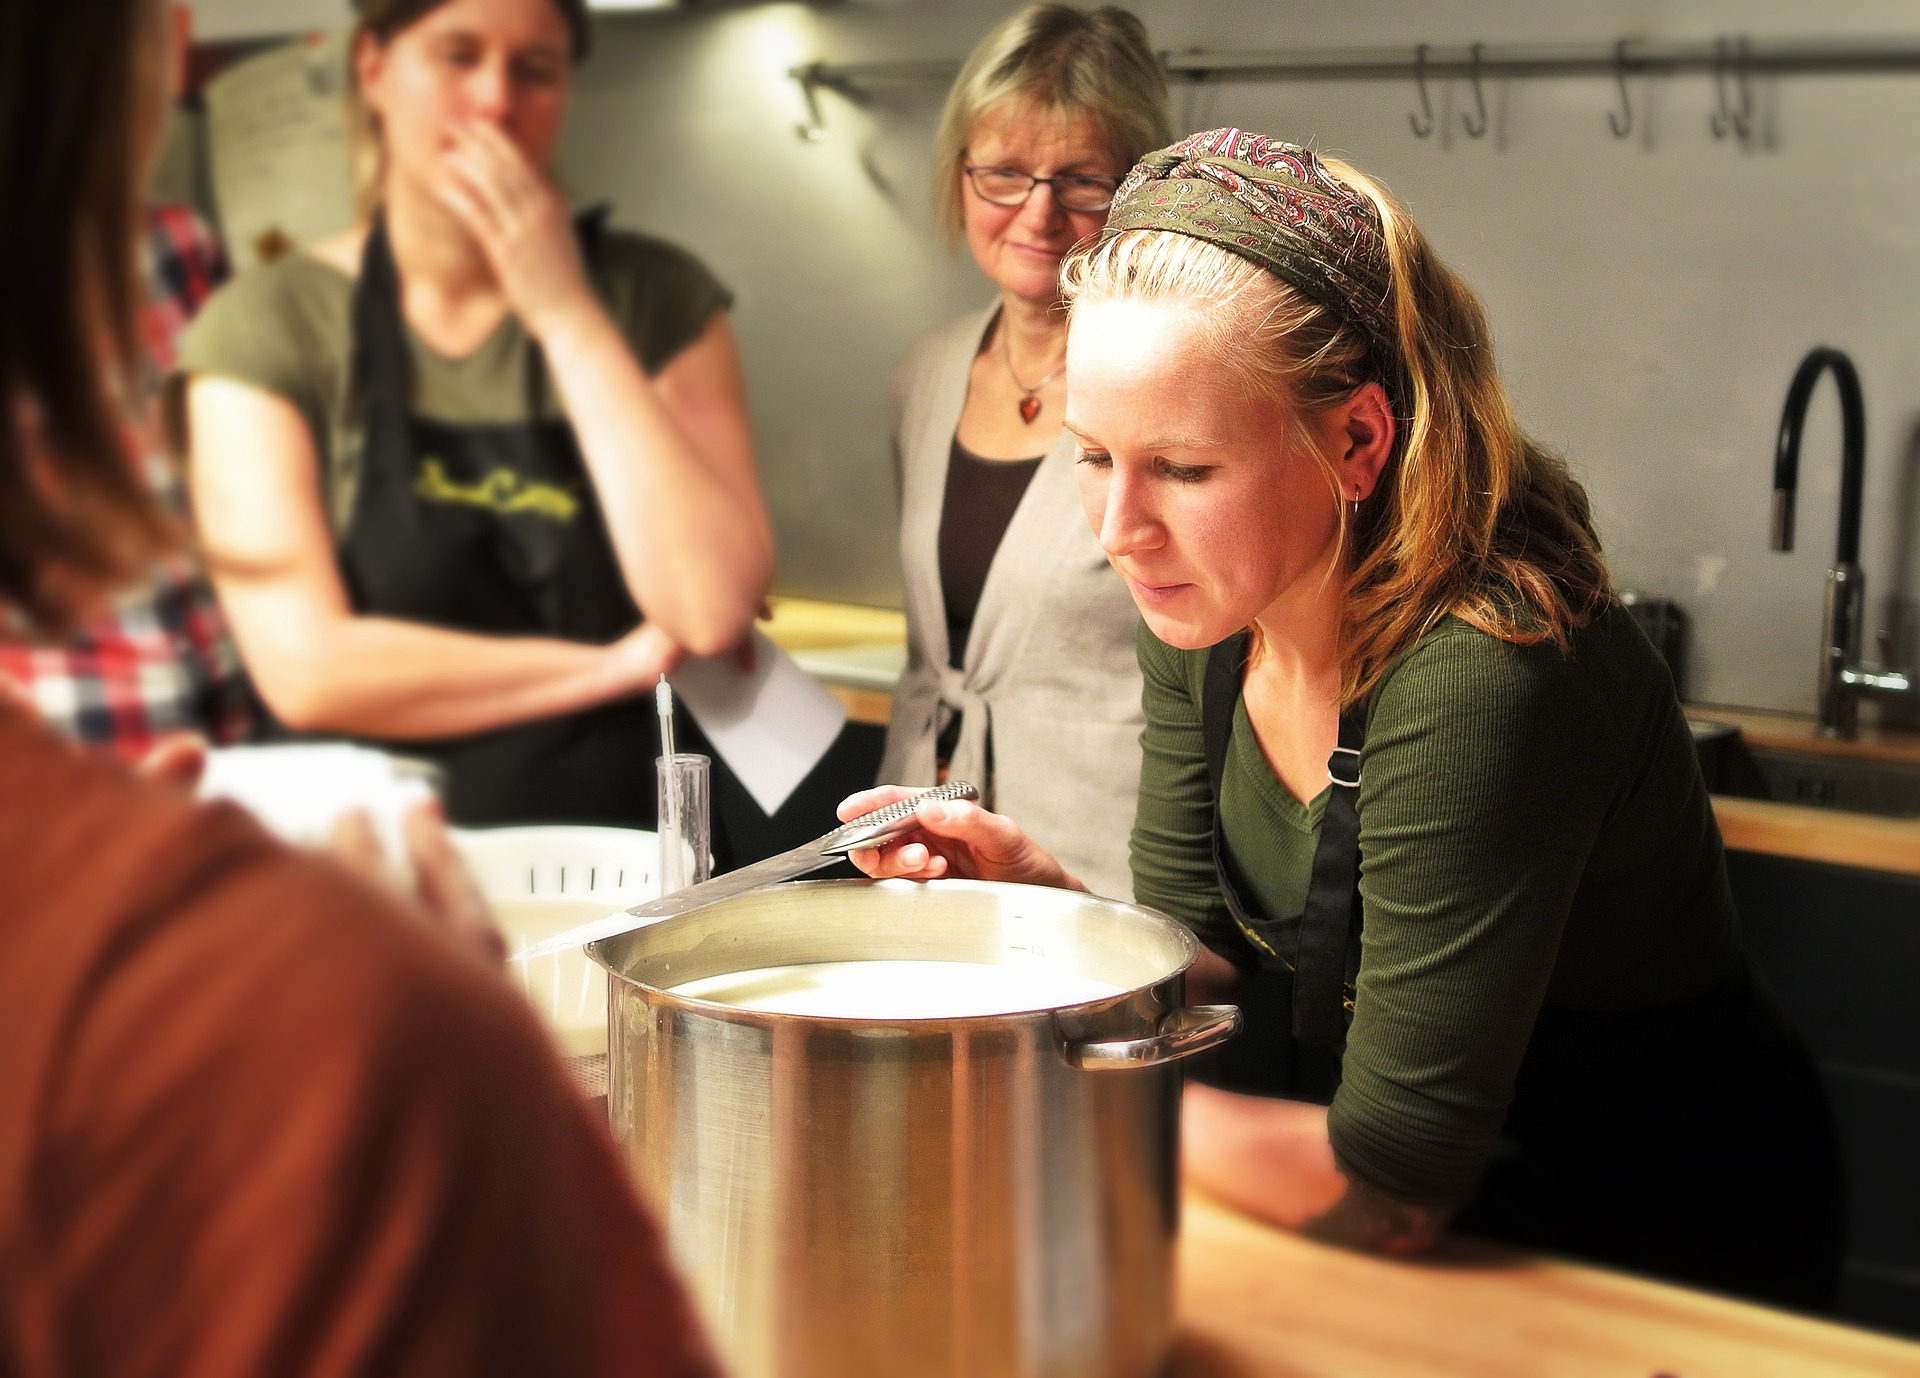 expérience de team building en cuisine?